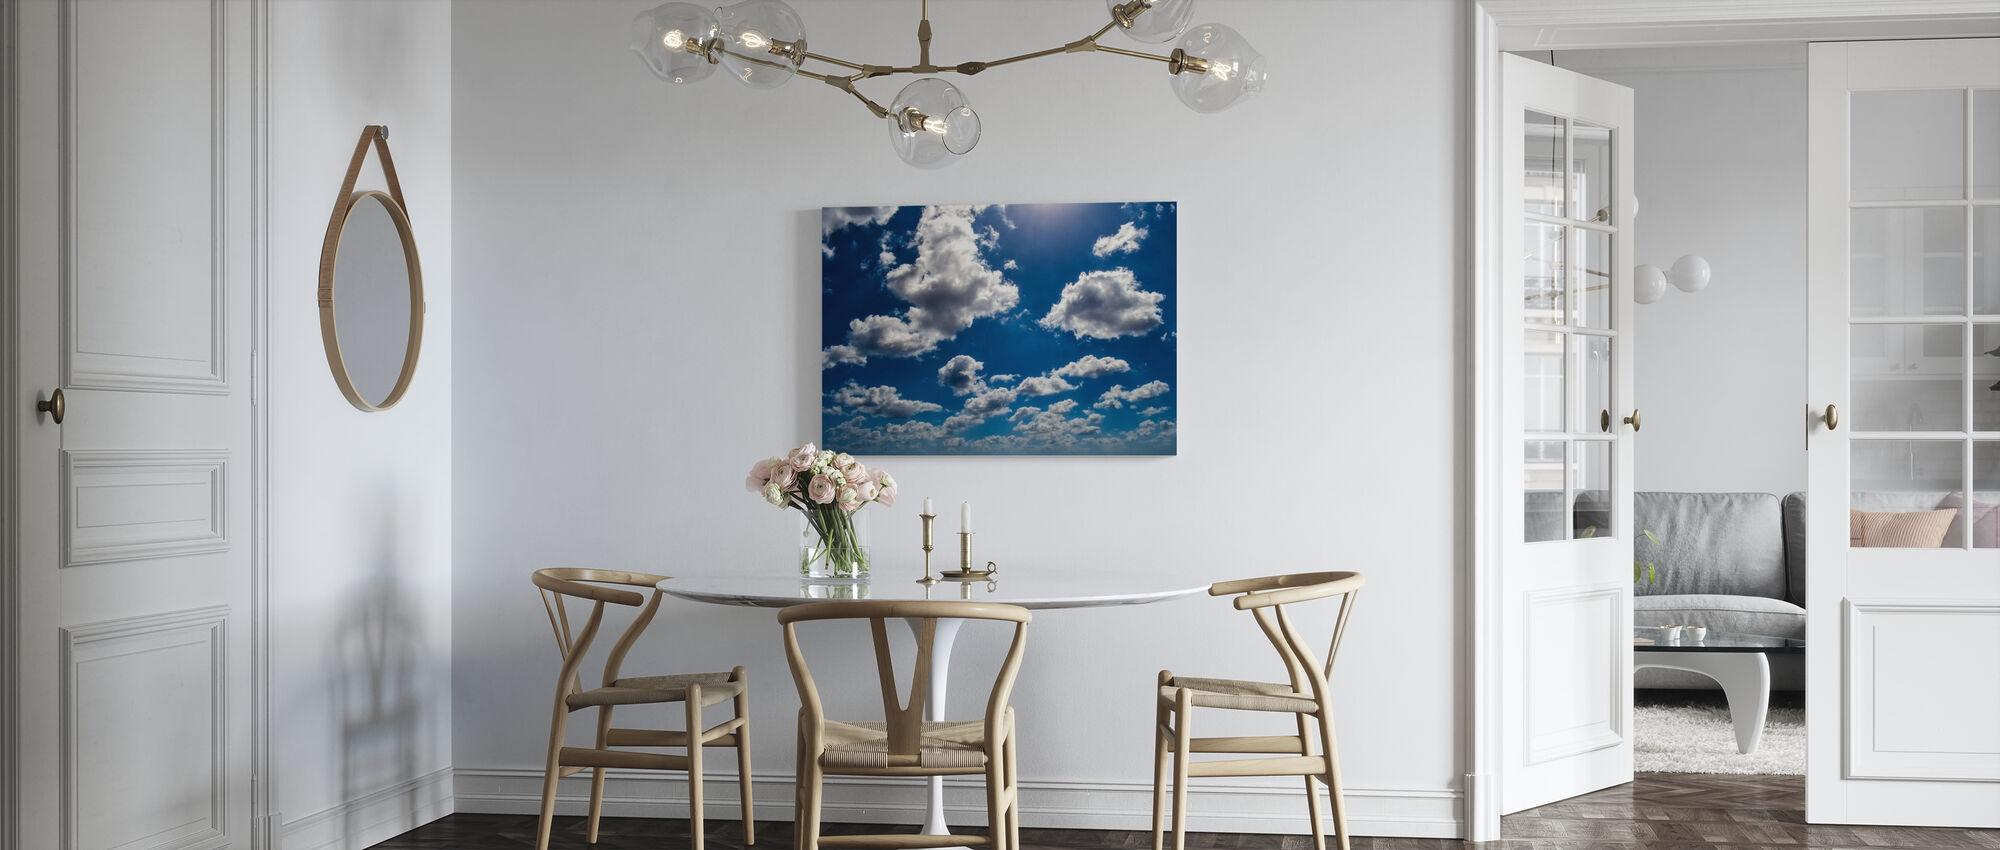 Sininen taivas pilvet - Canvastaulu - Keittiö